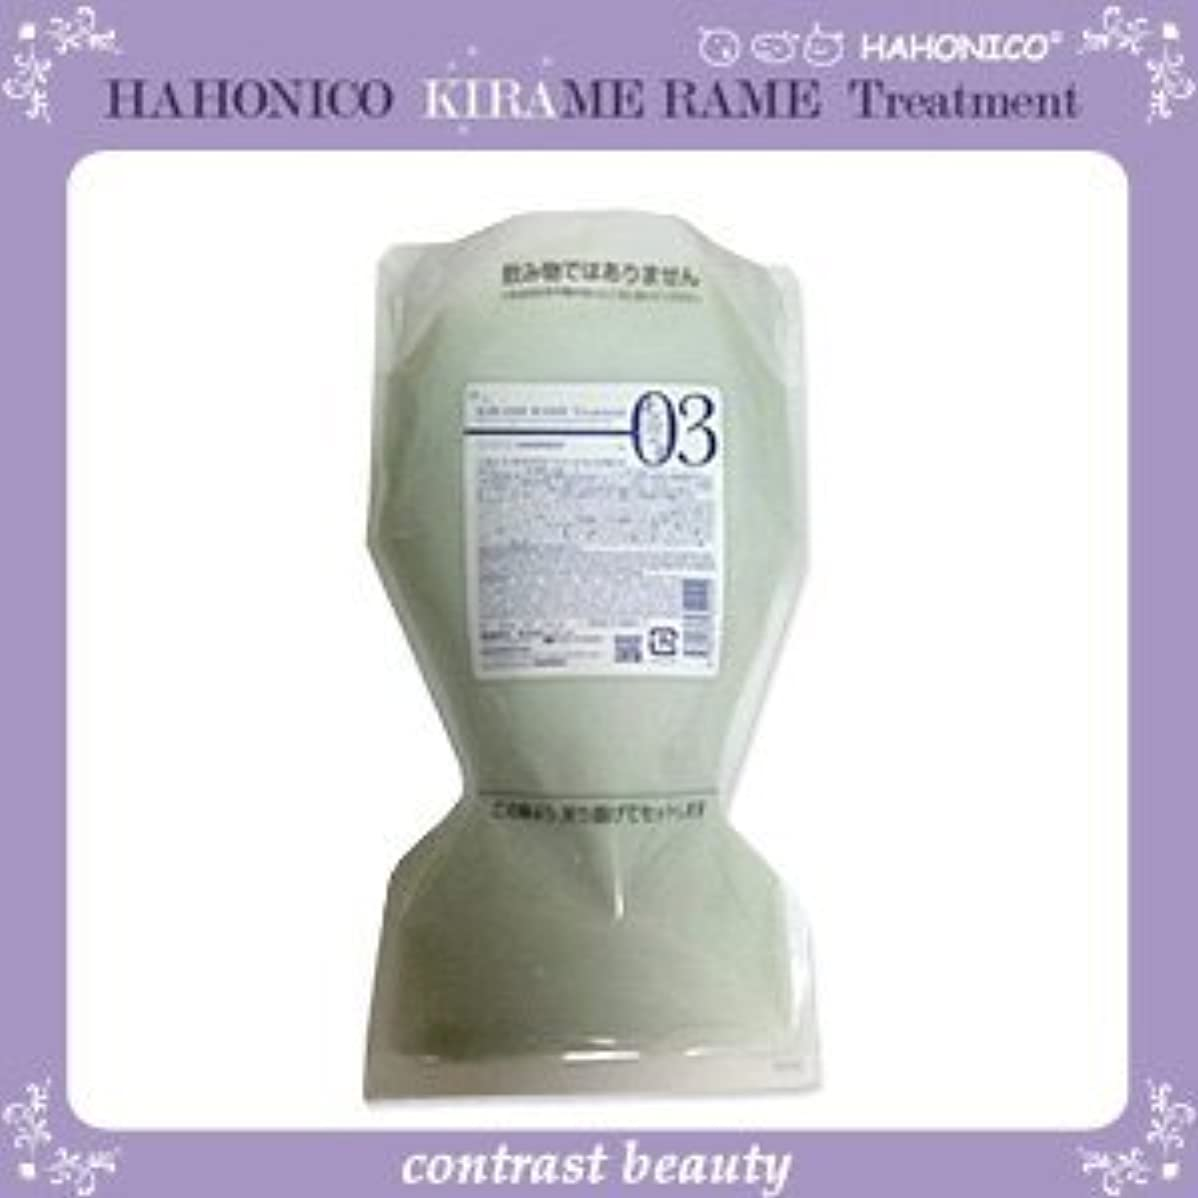 調整浴室意識ハホニコ キラメラメ トリートメントNo.3 500g(詰め替え) KIRAME RAME HAHONICO